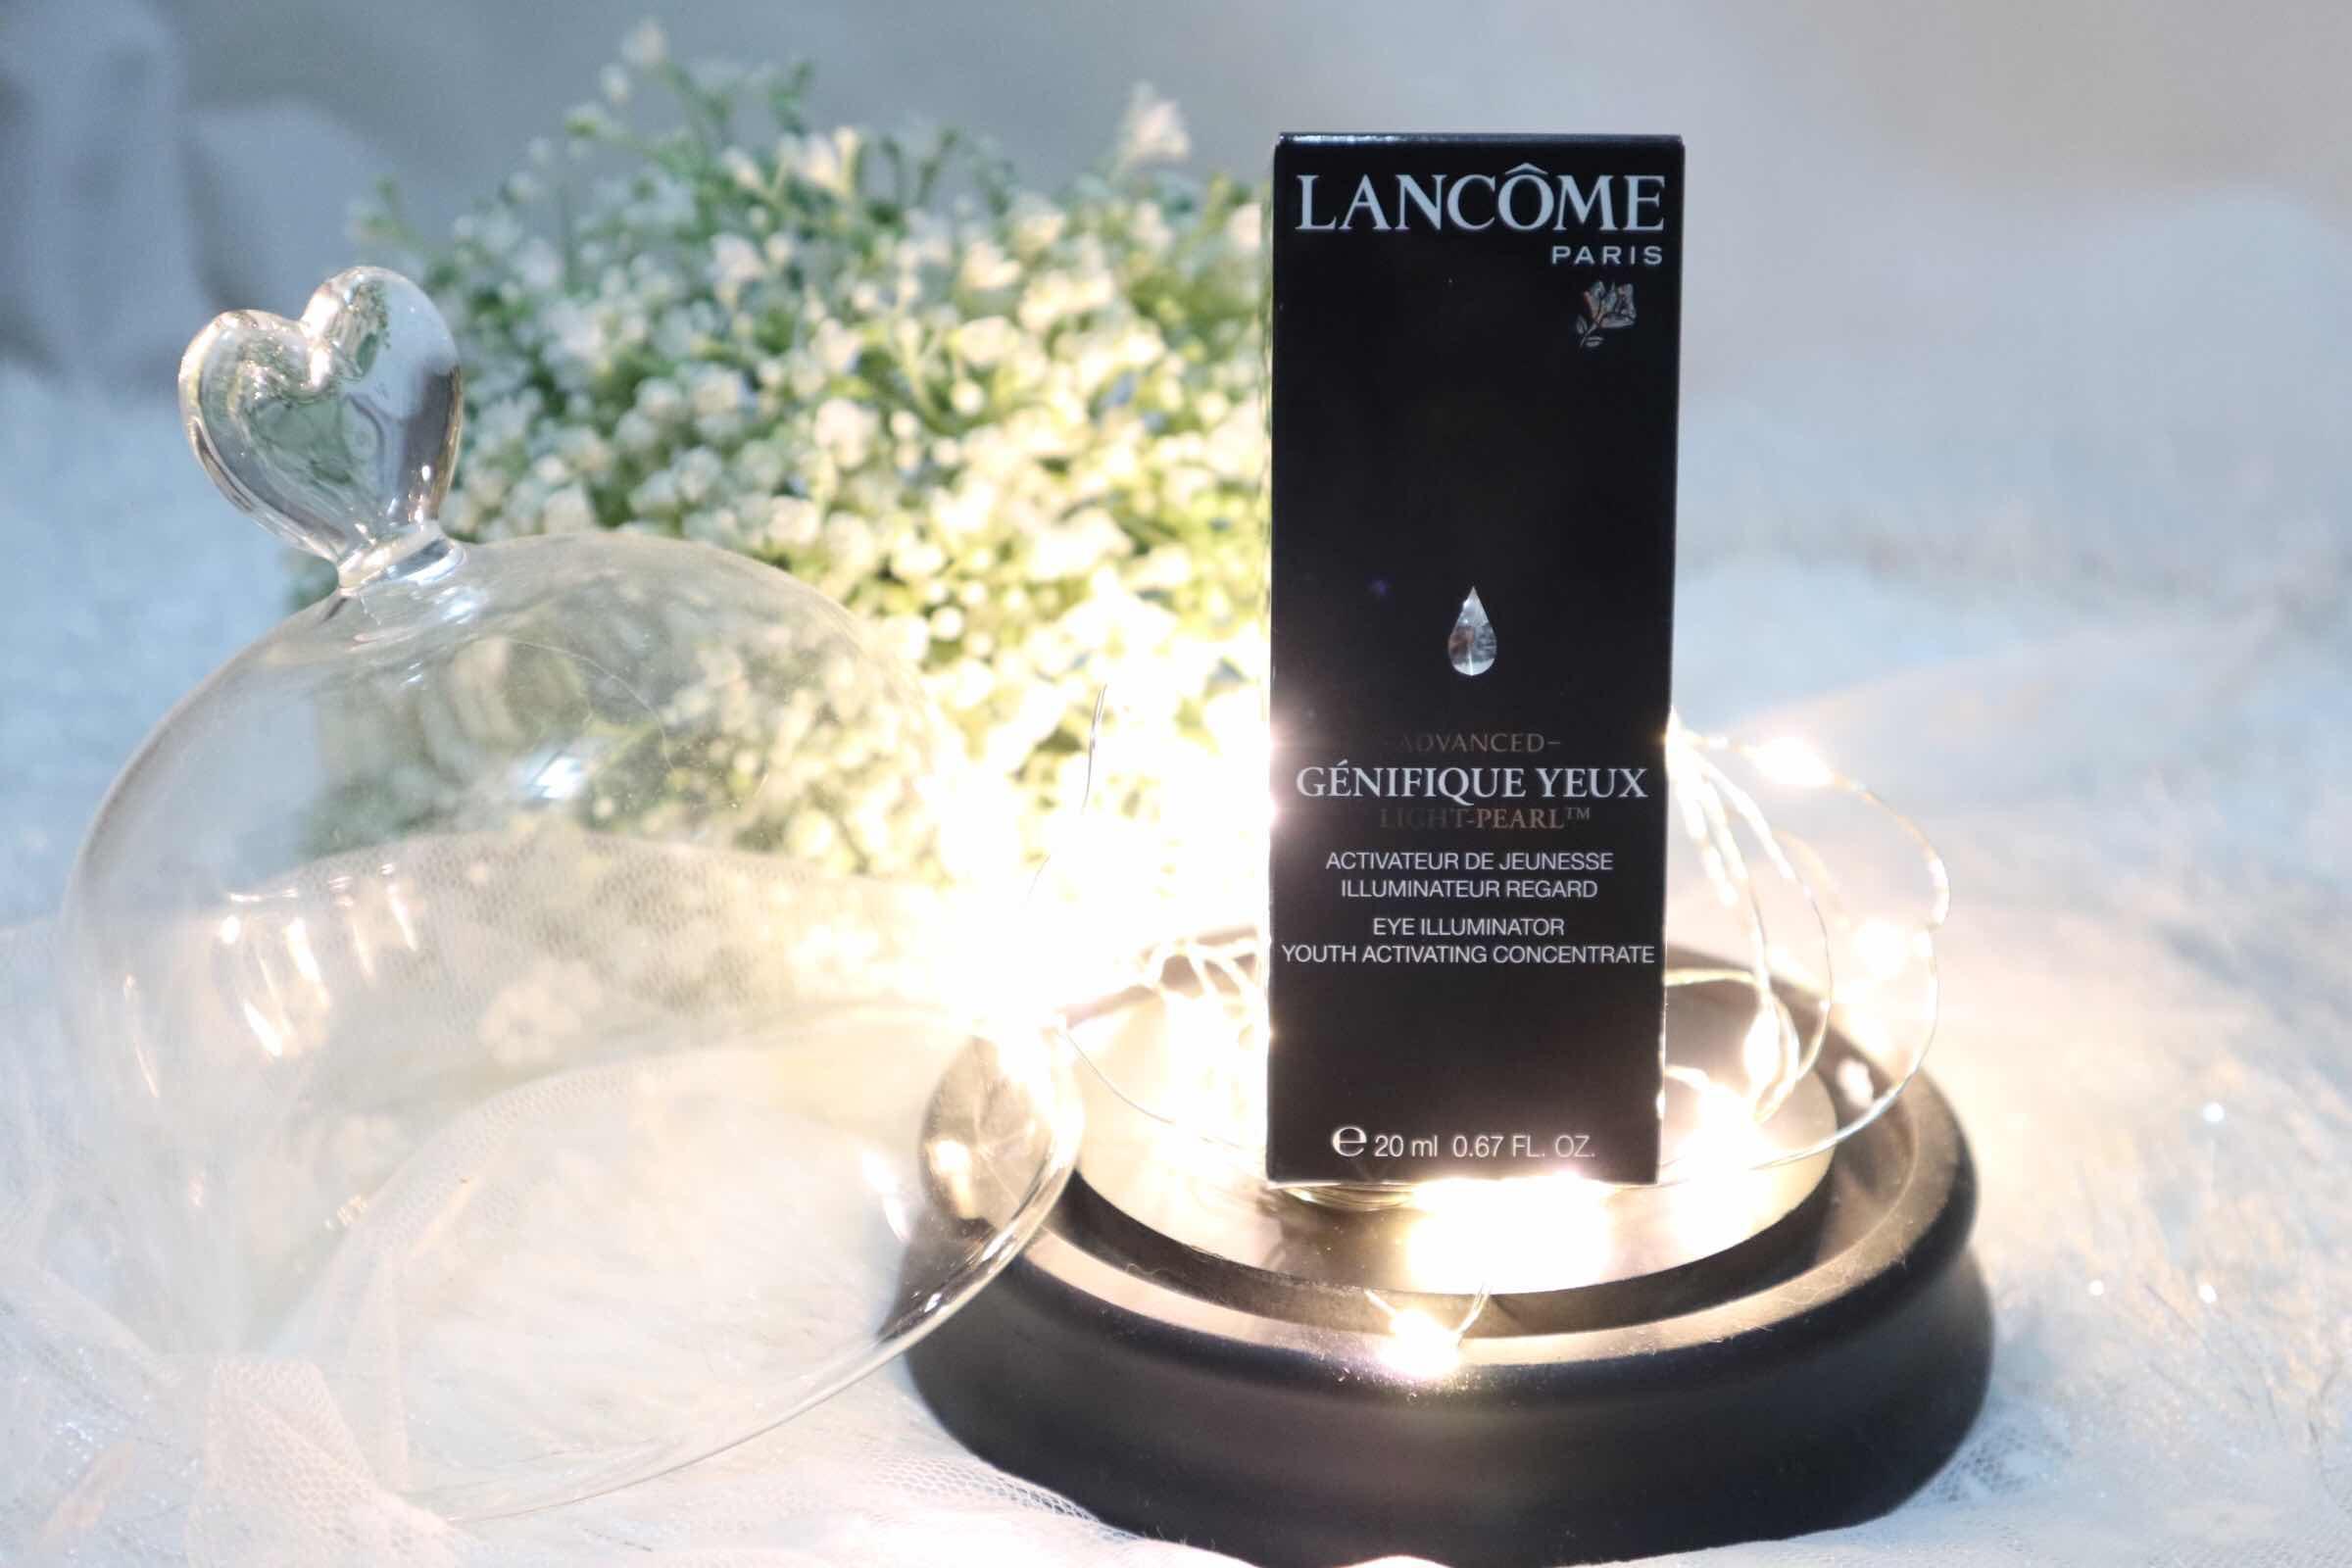 踢走疲倦的眼睛 ~ Lancôme Advanced Génifique Yeux Light-PearlTM 升級版冰鑽亮眼 ...